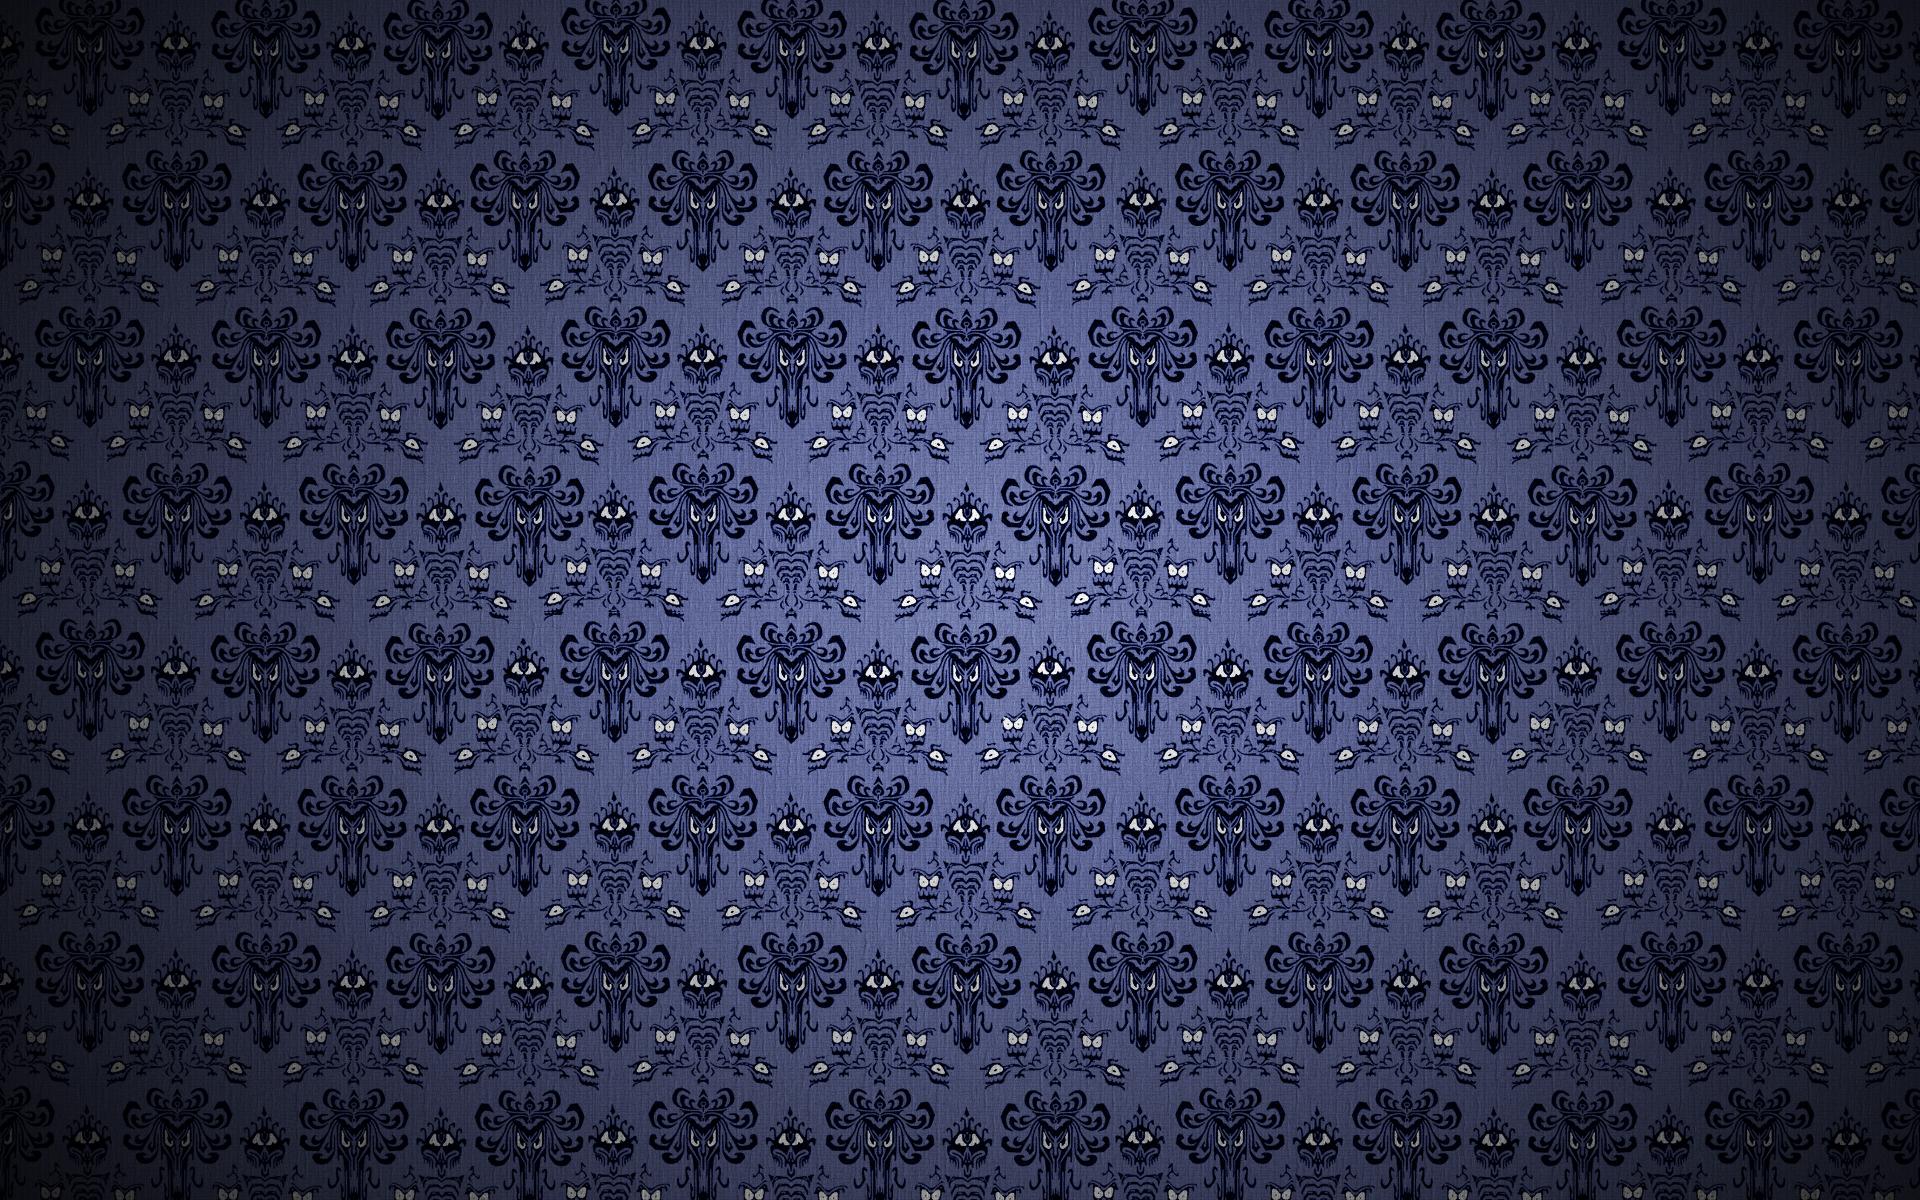 Haunted Mansion Hallway by britmodtokyo 1920x1200